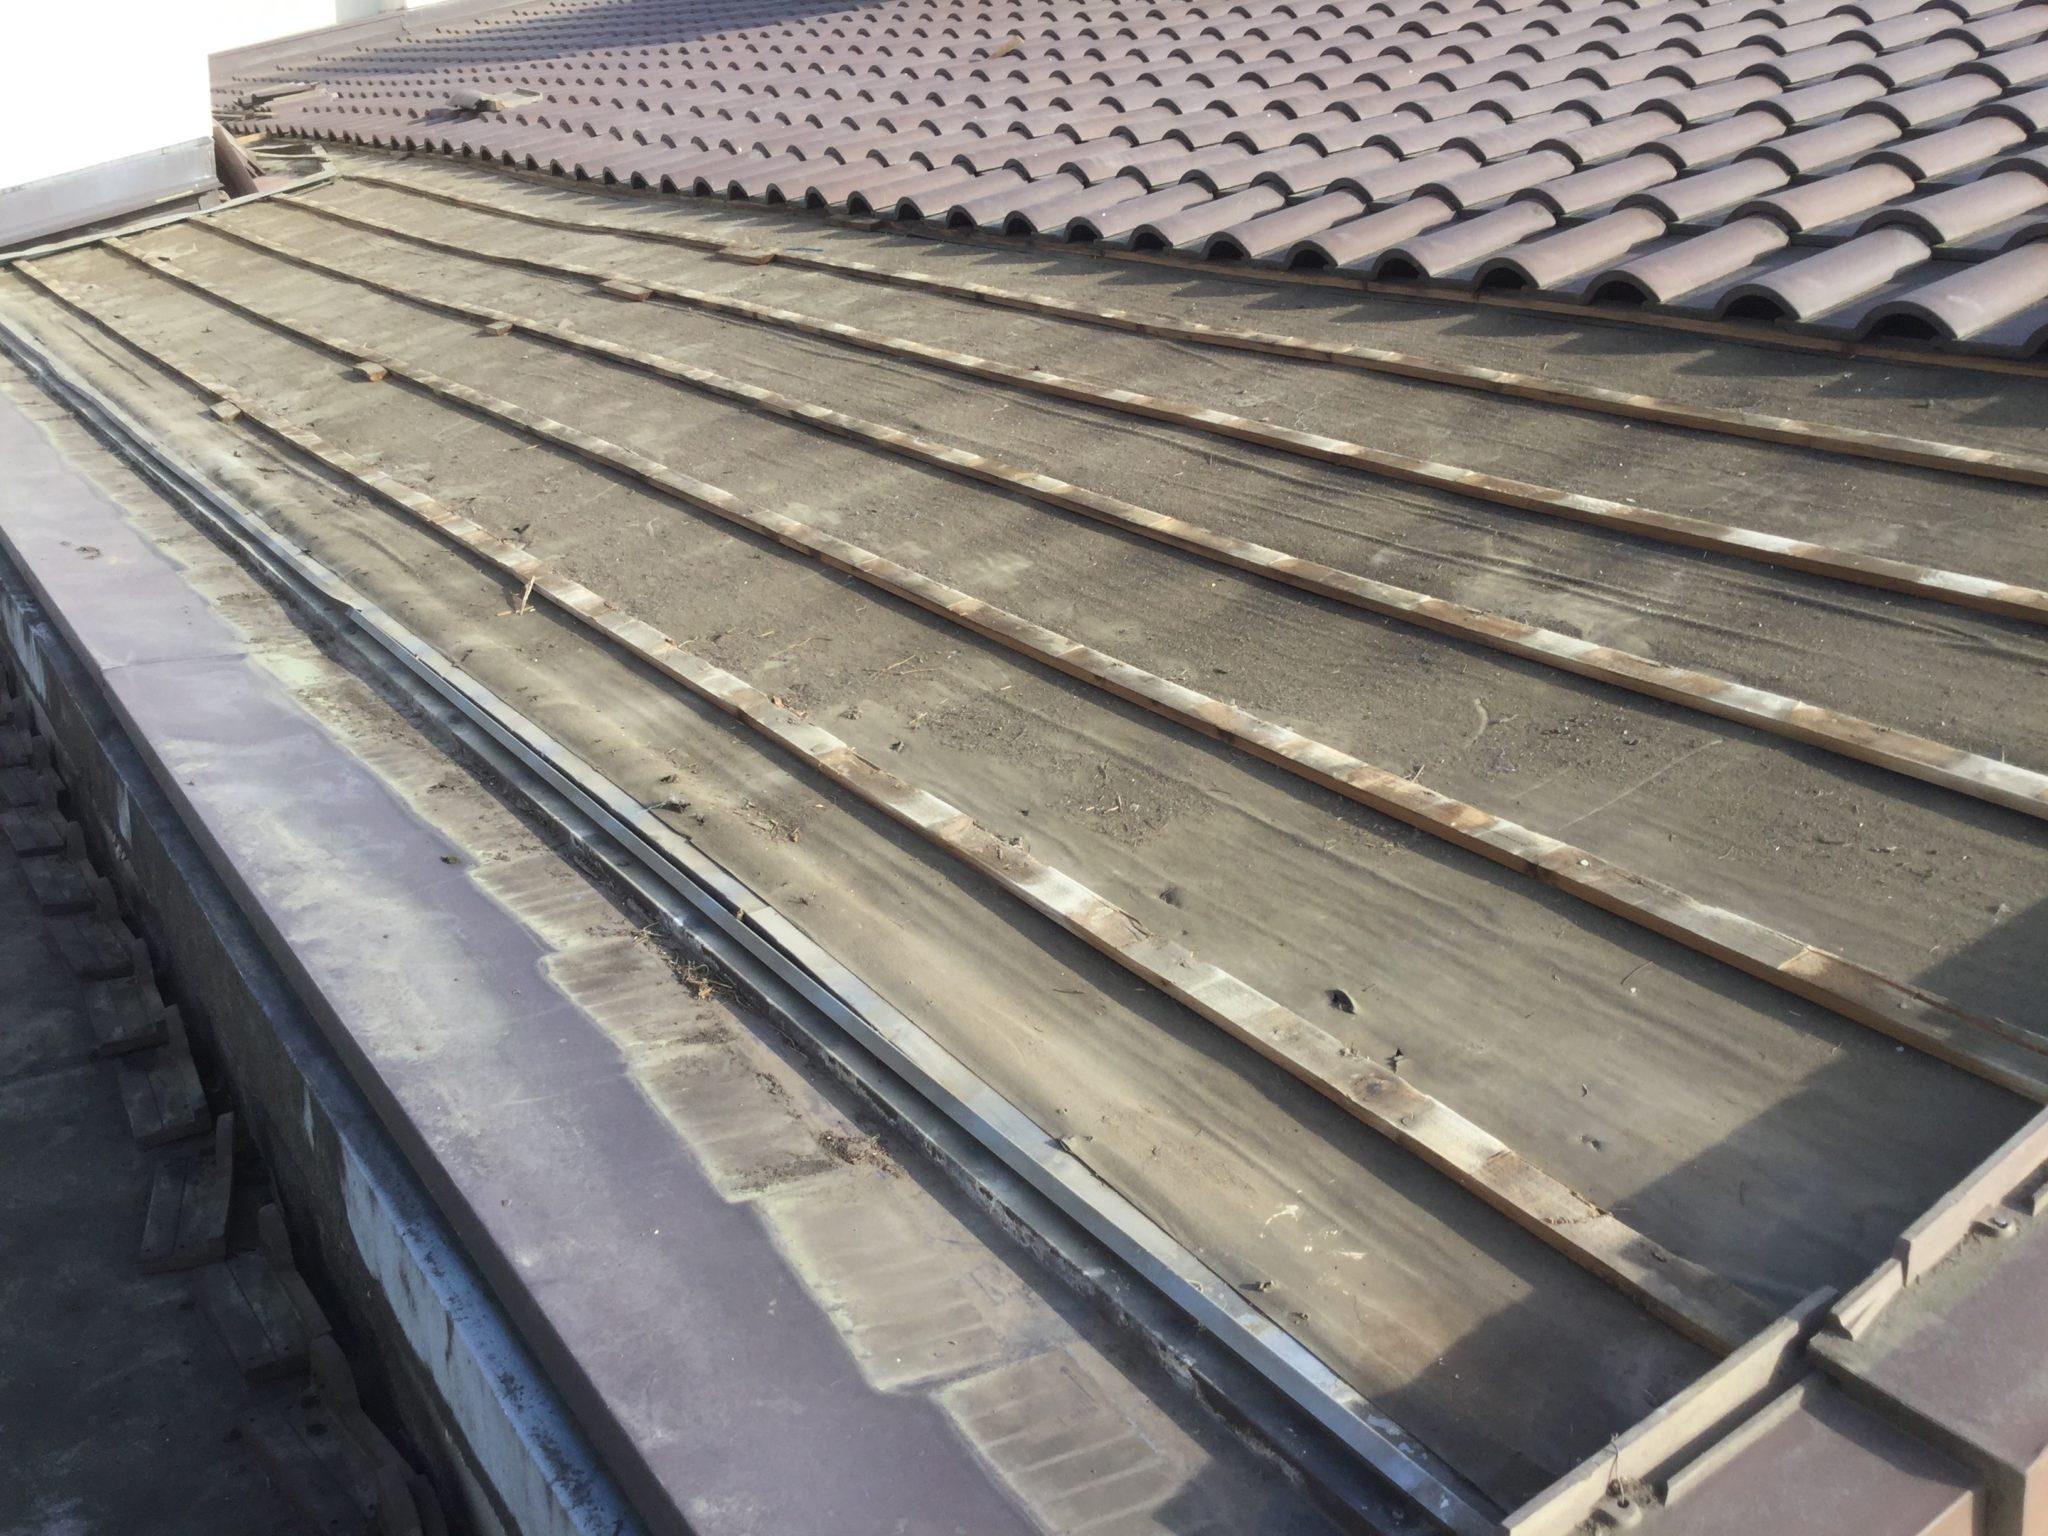 屋根の雨漏り箇所の瓦撤去作業